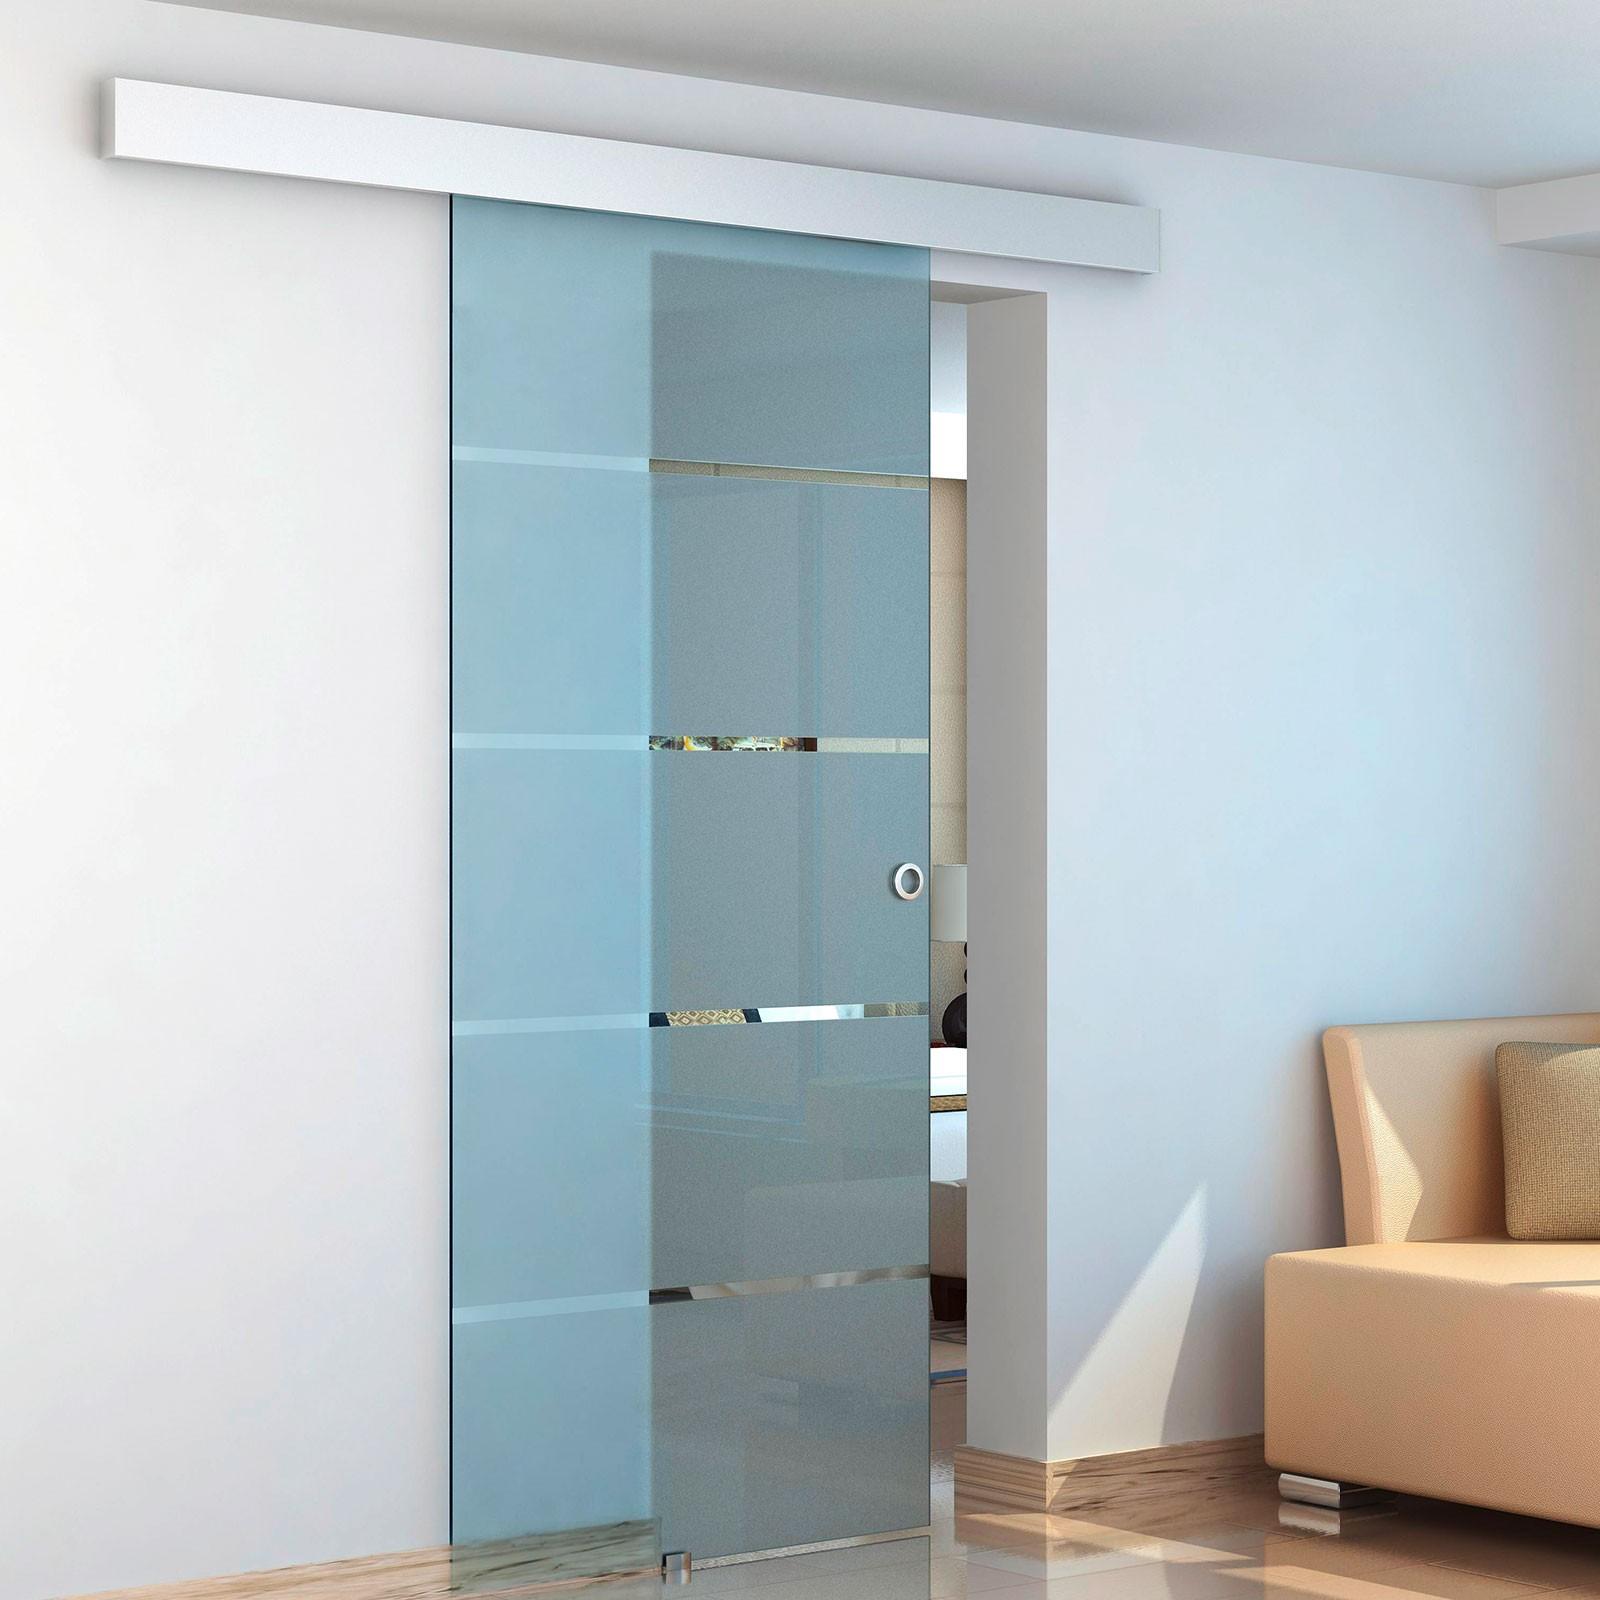 glasschiebet r beta glasschiebet ren. Black Bedroom Furniture Sets. Home Design Ideas